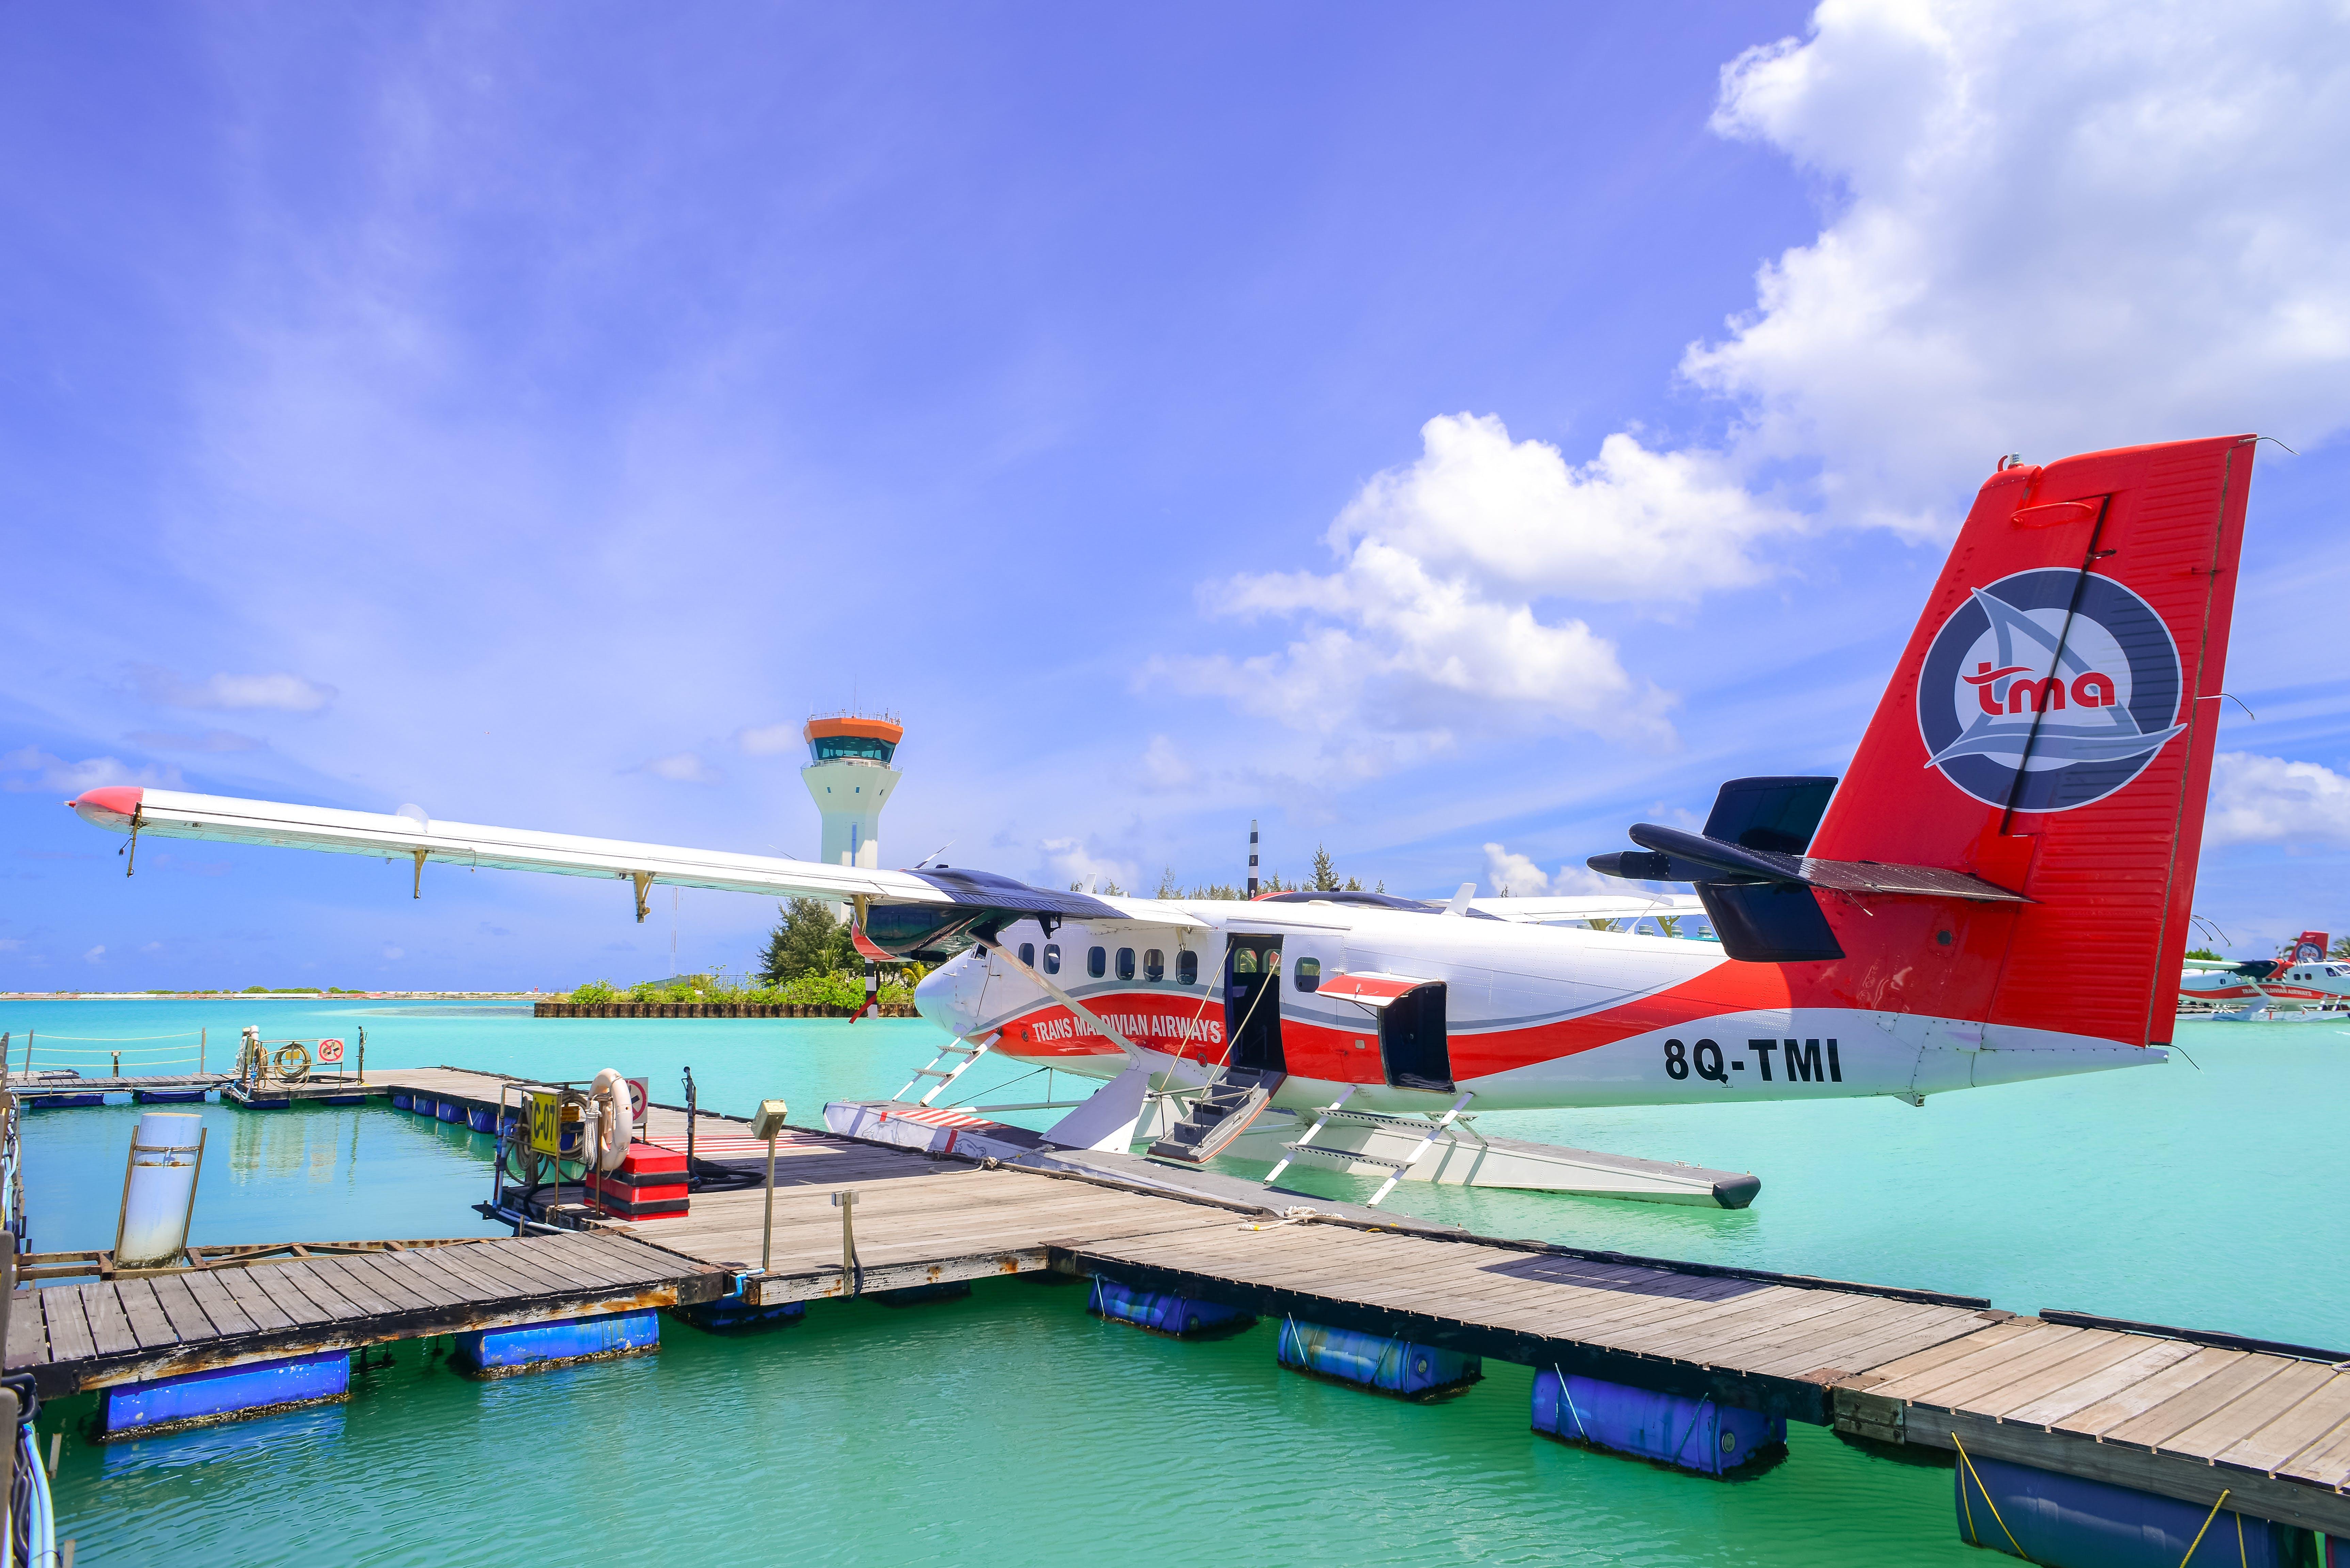 Δωρεάν στοκ φωτογραφιών με 8q-tmi, trans maldivian, αεροπλάνο, αεροπλοΐα